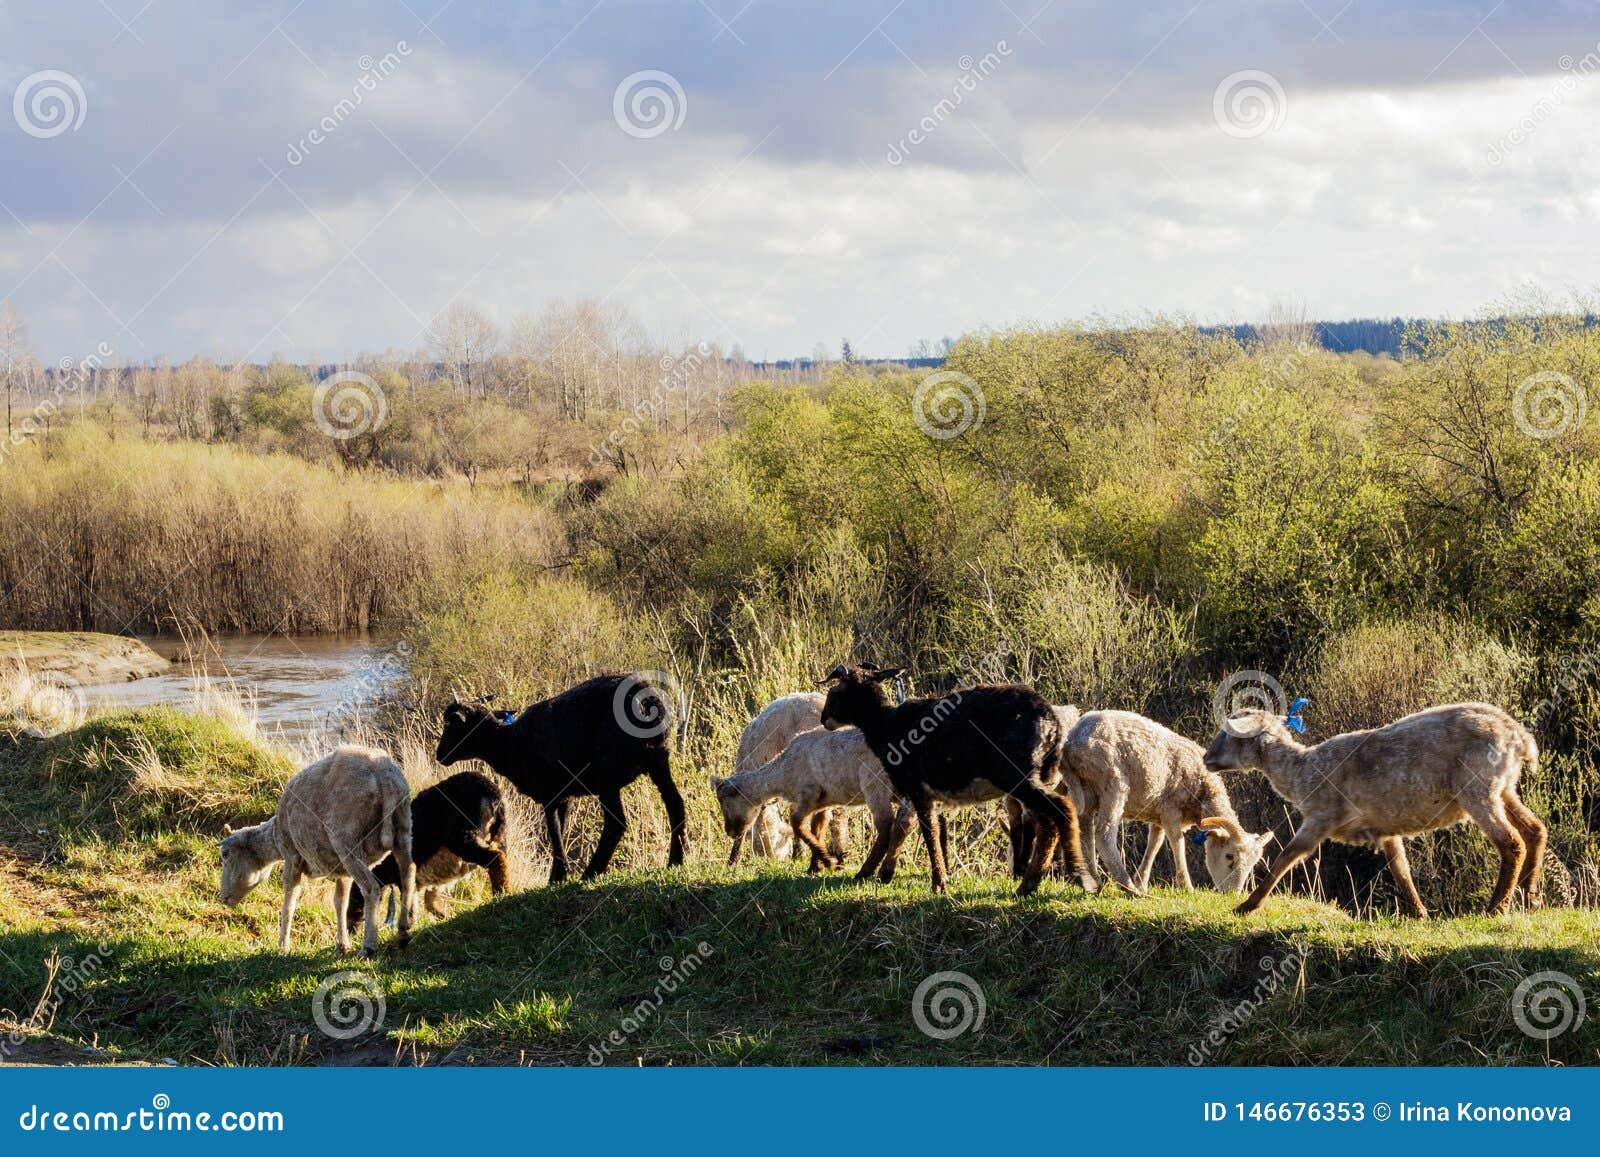 Στο ηλιοβασίλεμα τα πρόβατα πηγαίνουν κατά μήκος του φαραγγιού